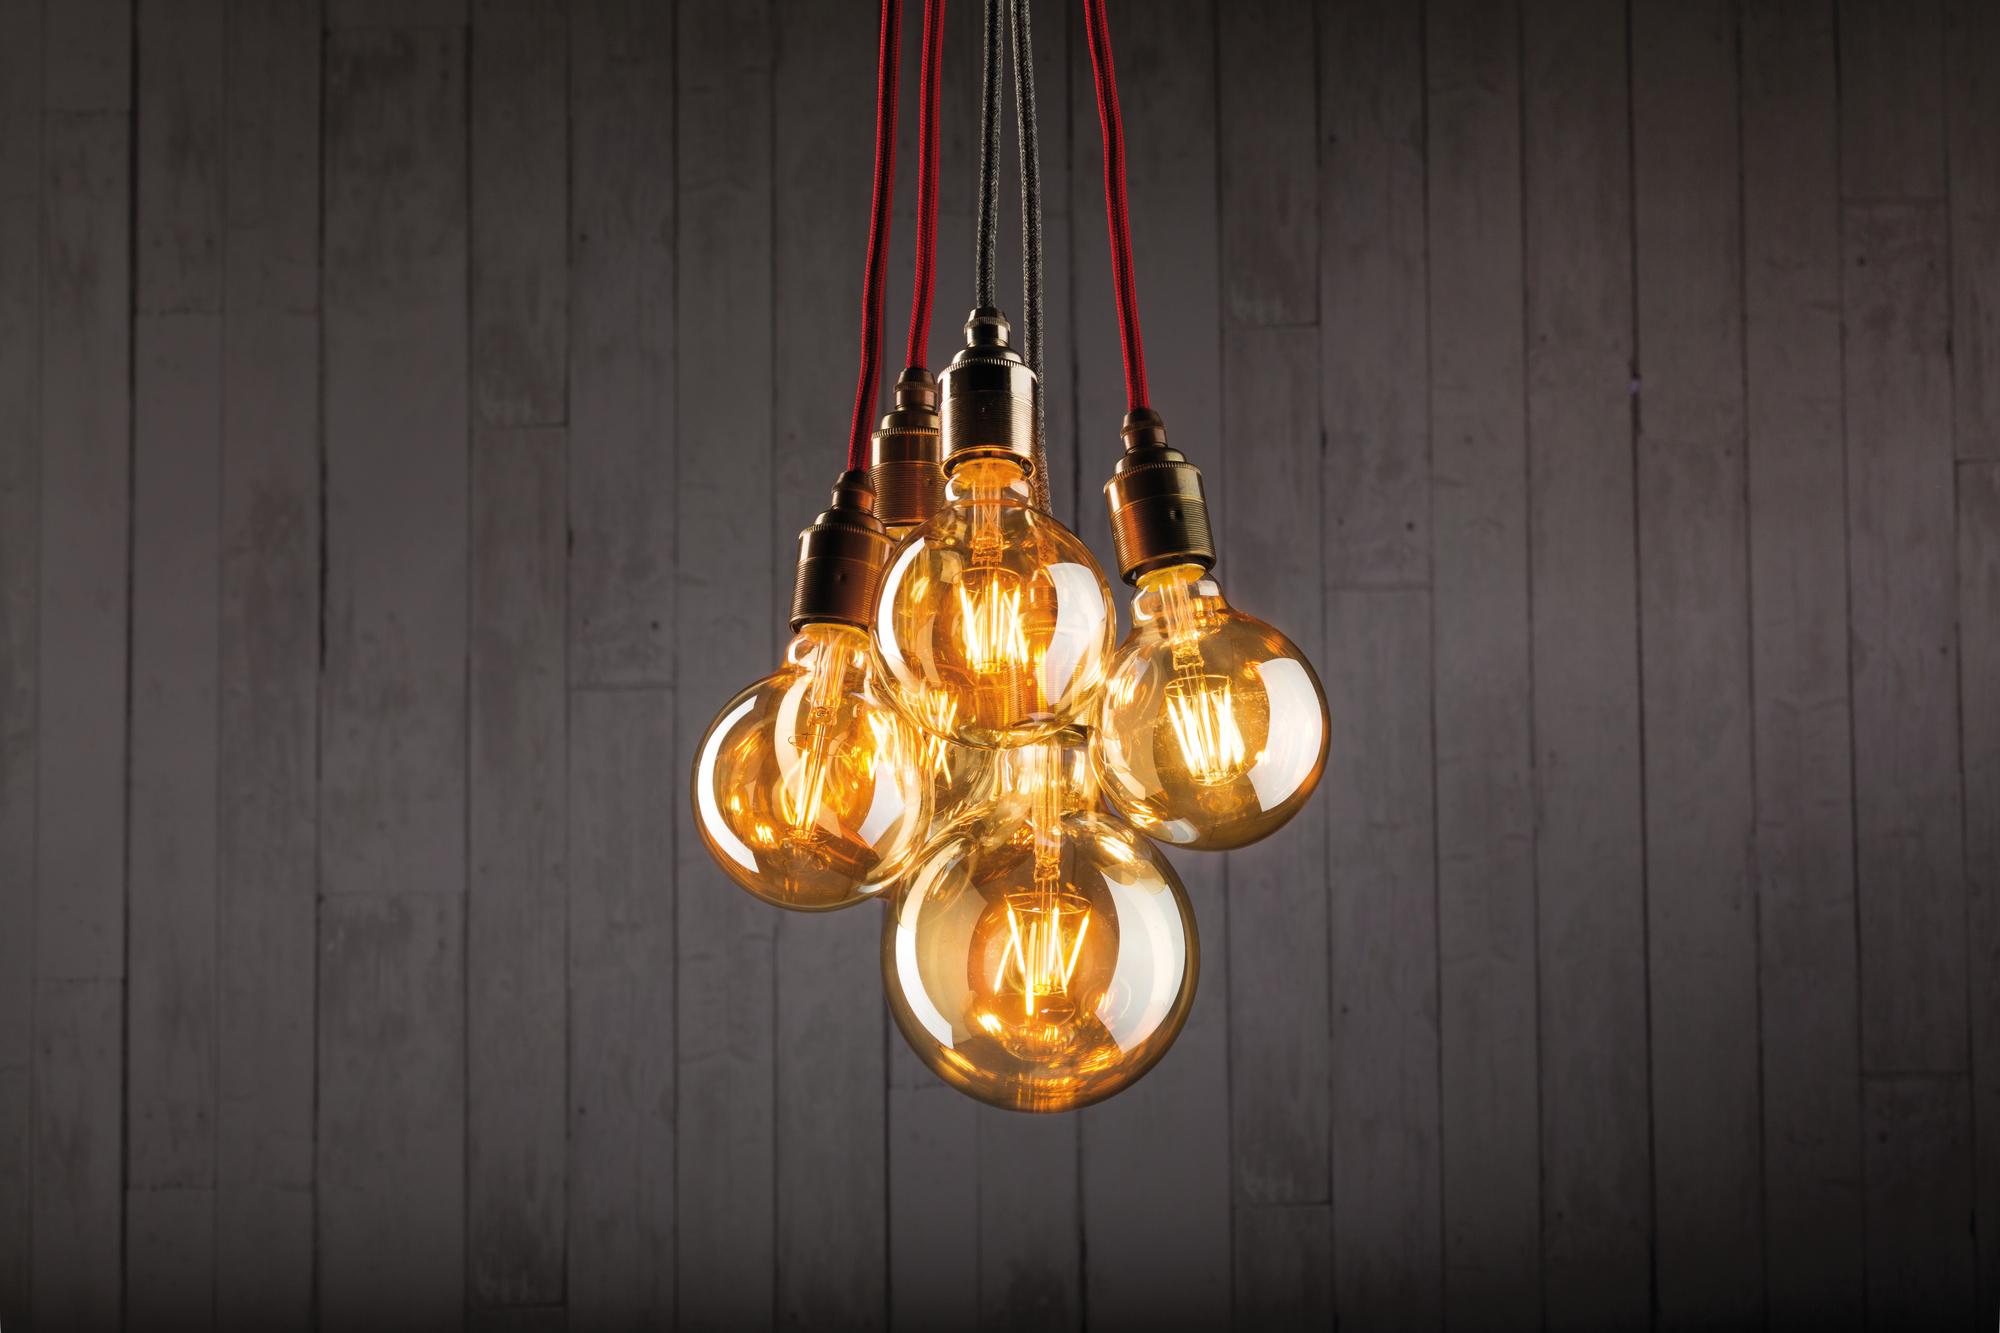 paulmann led vintage globe 95 2 5w e27 230v 1700k gold goldlicht online kaufen im voltus. Black Bedroom Furniture Sets. Home Design Ideas